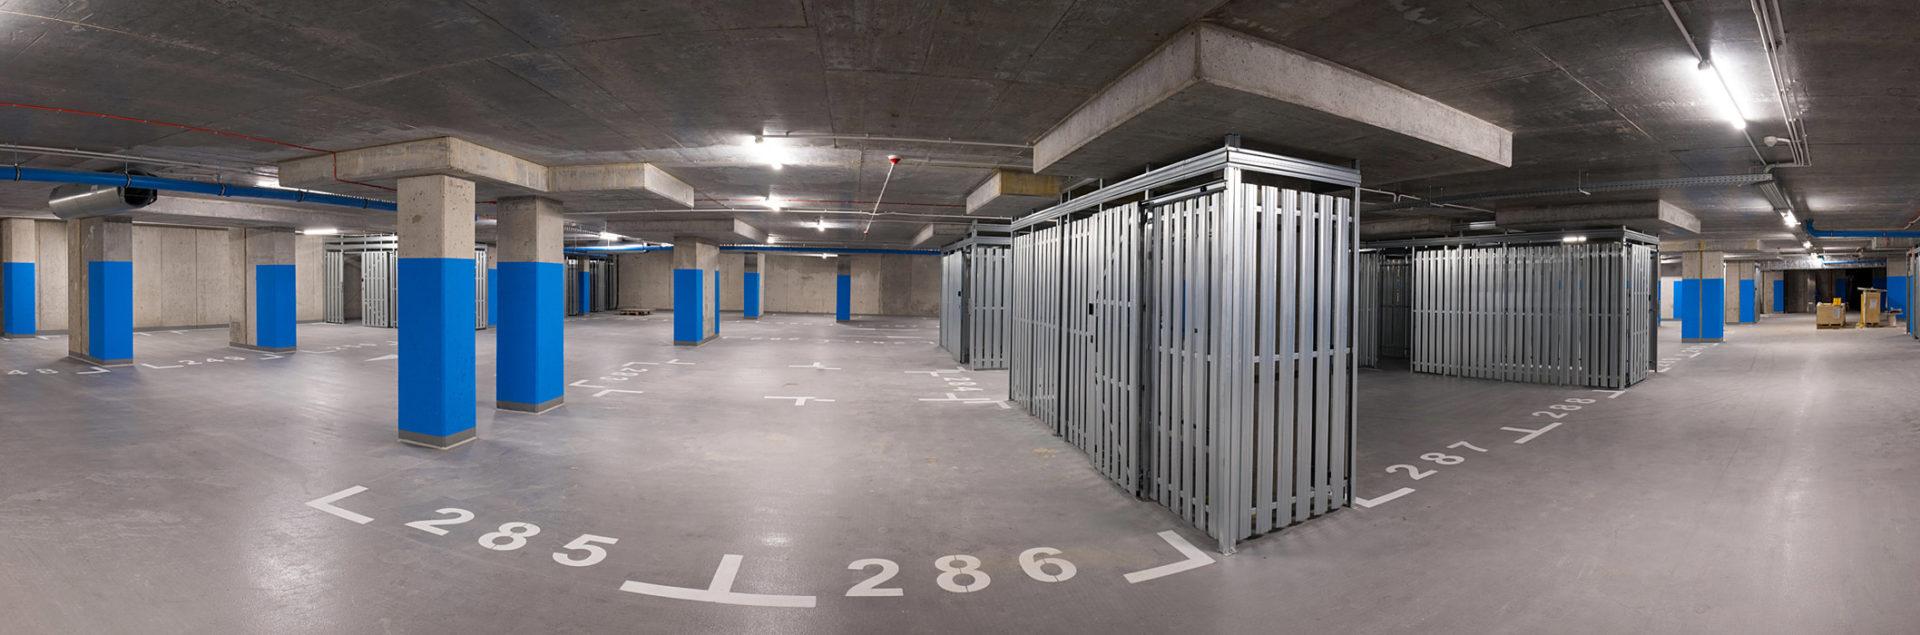 Garaże podziemne z komórkami lokatorskimi